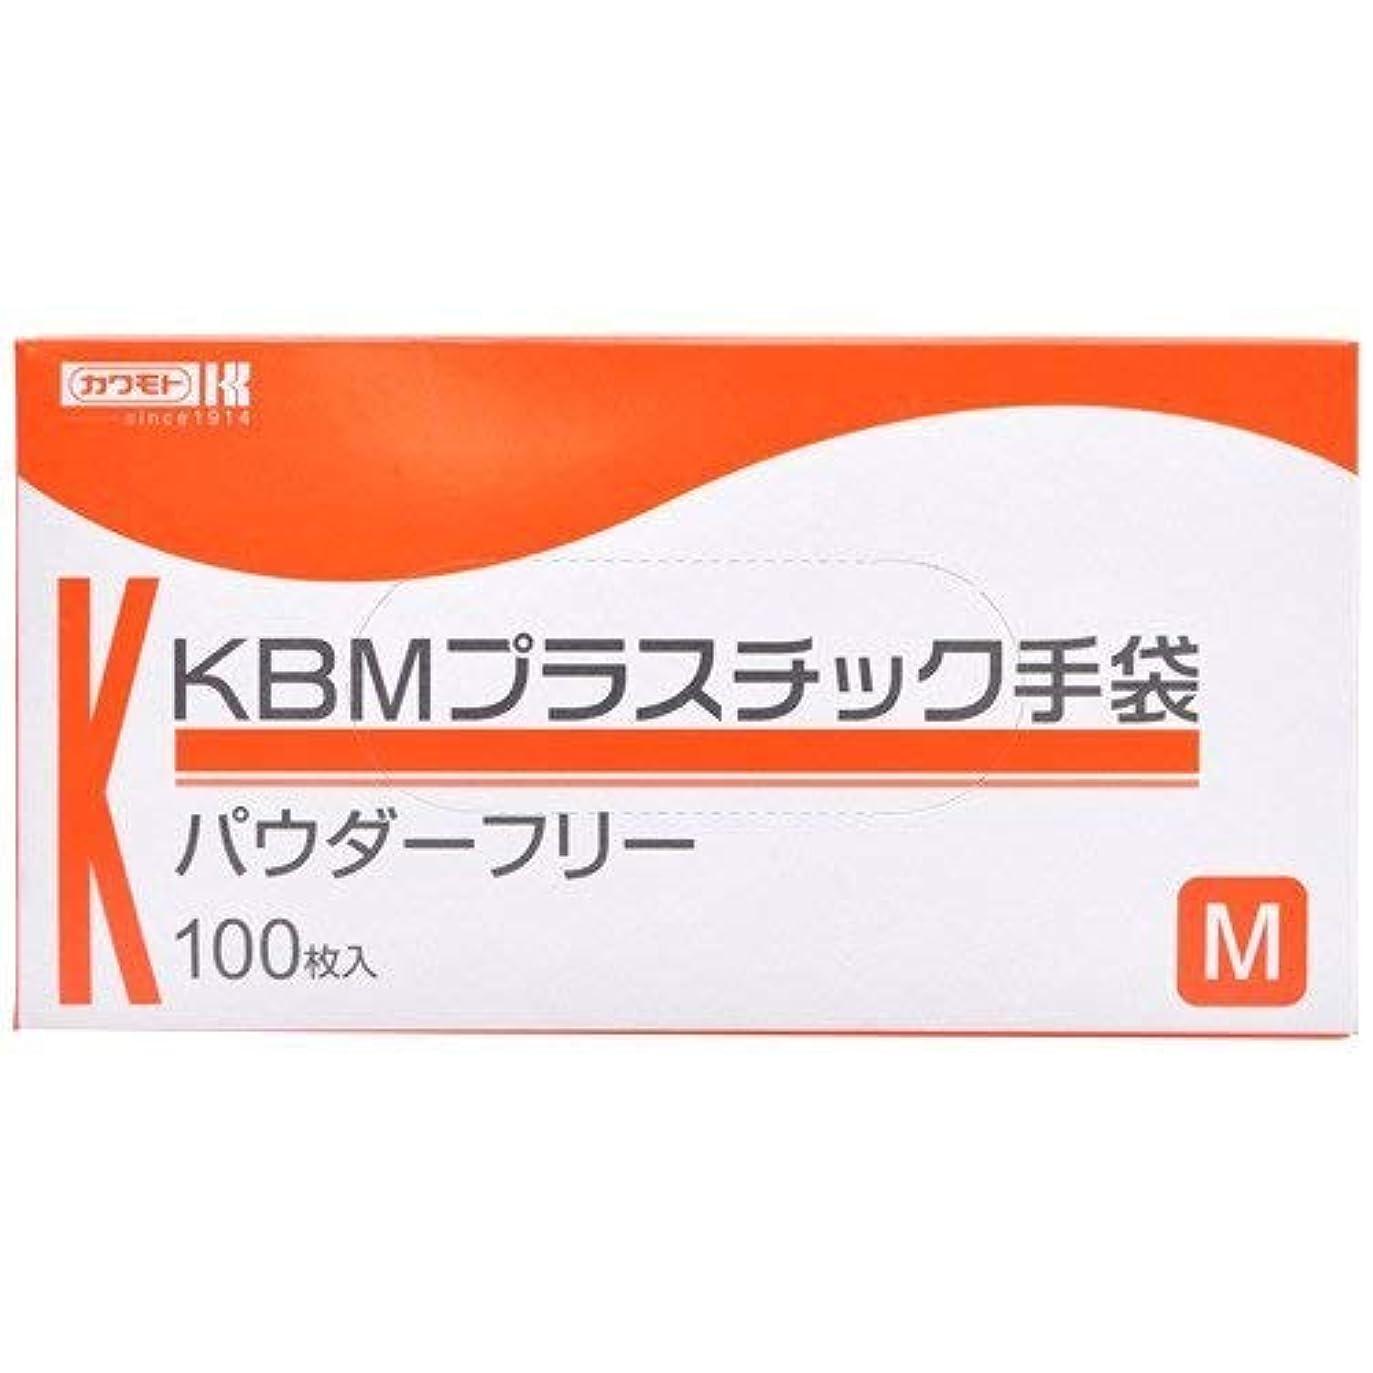 効能レンディション取り壊す川本産業 KBMプラスチック手袋 パウダーフリー M 100枚入 ×2個